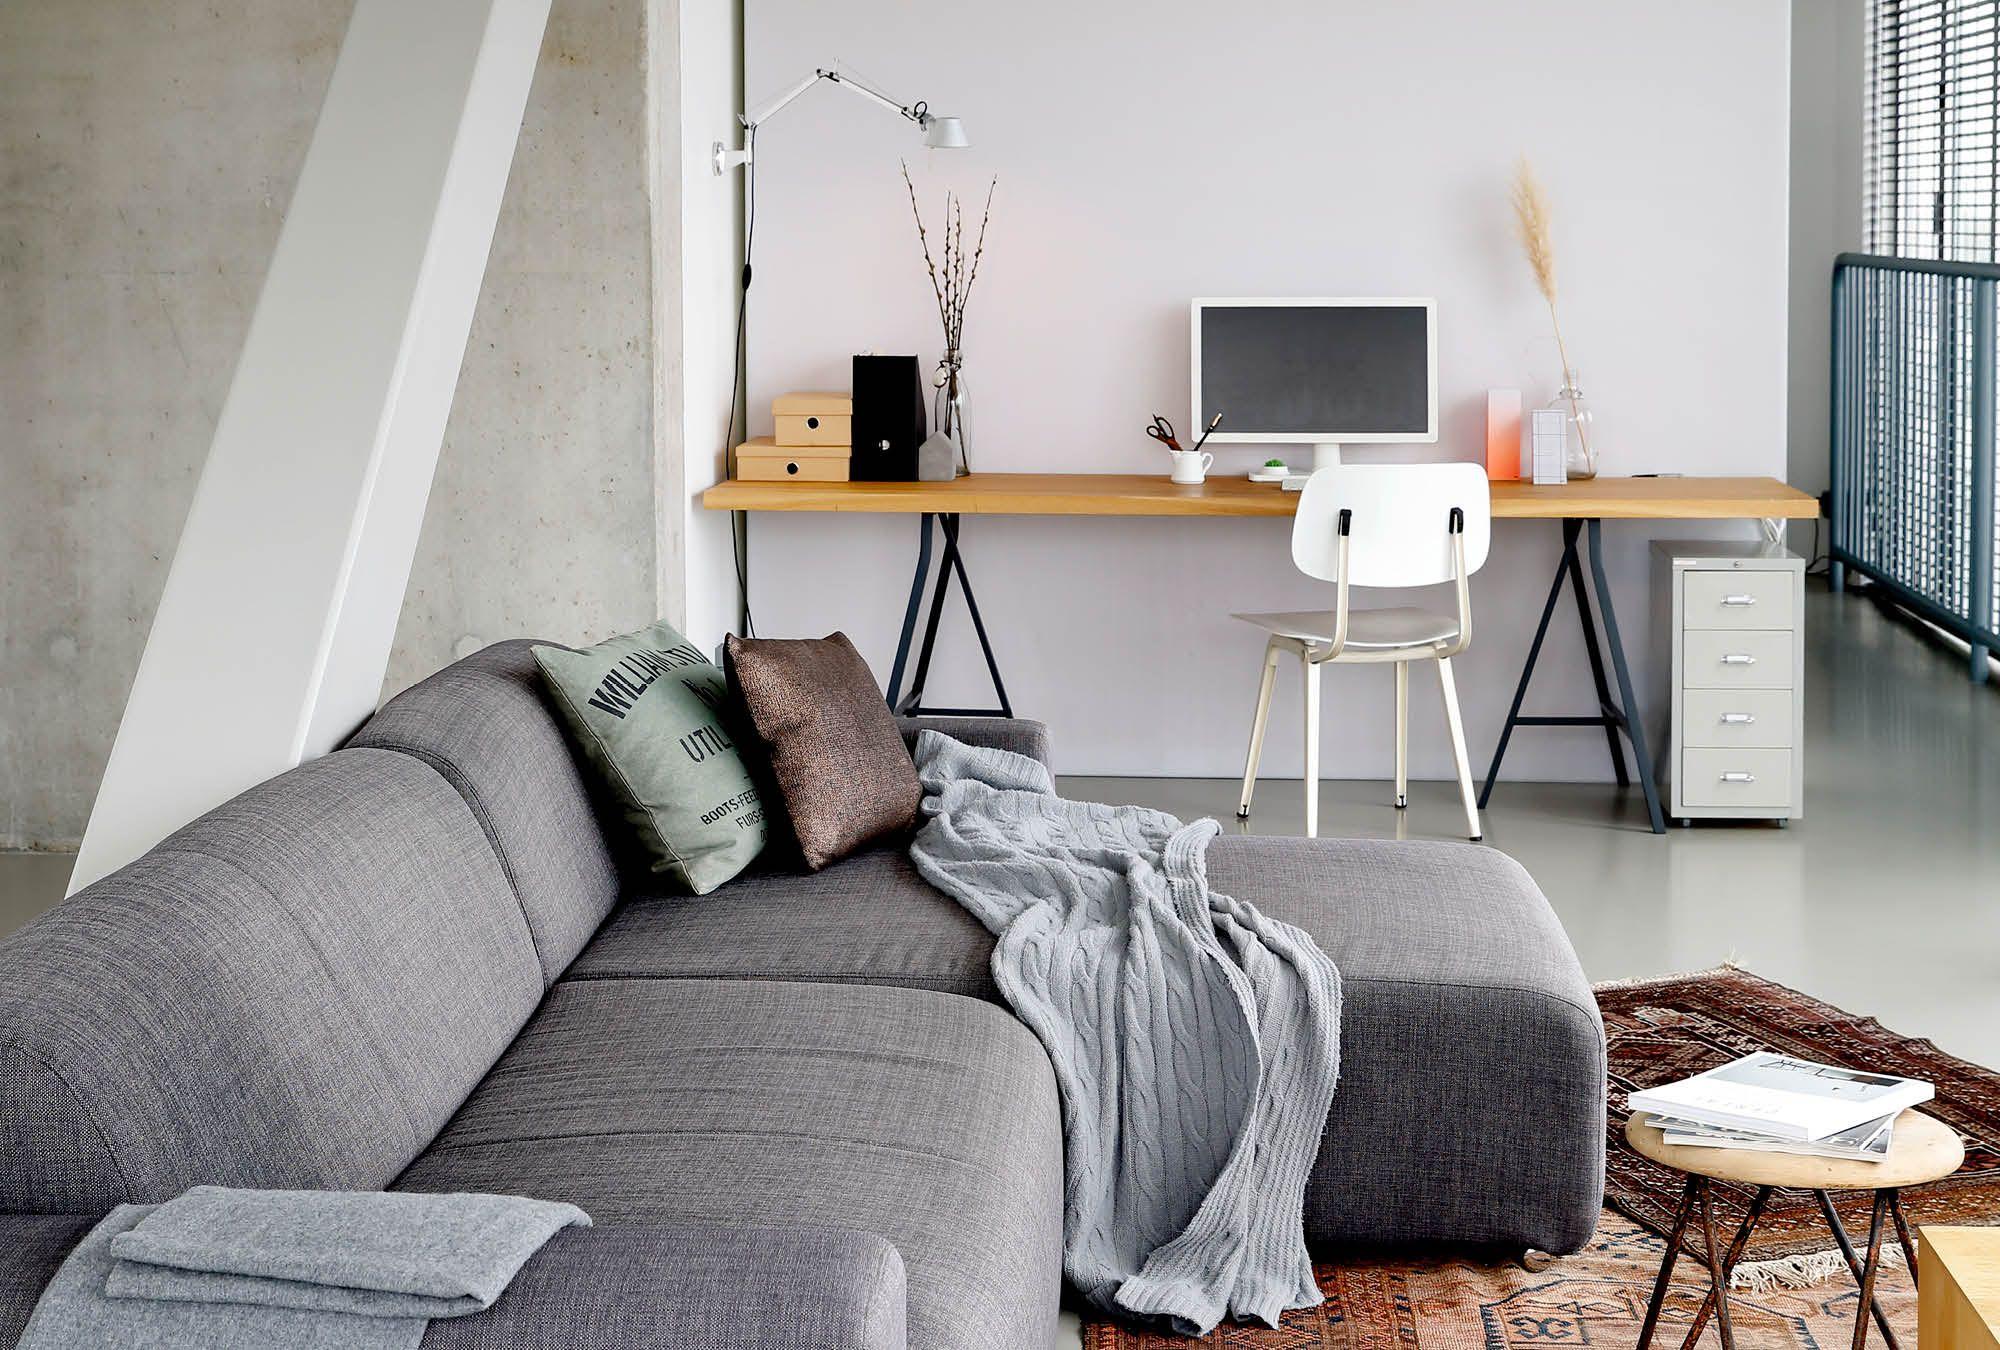 loftappartement maak je industrile interieur persoonlijk met design enof eigen ontwerpen make